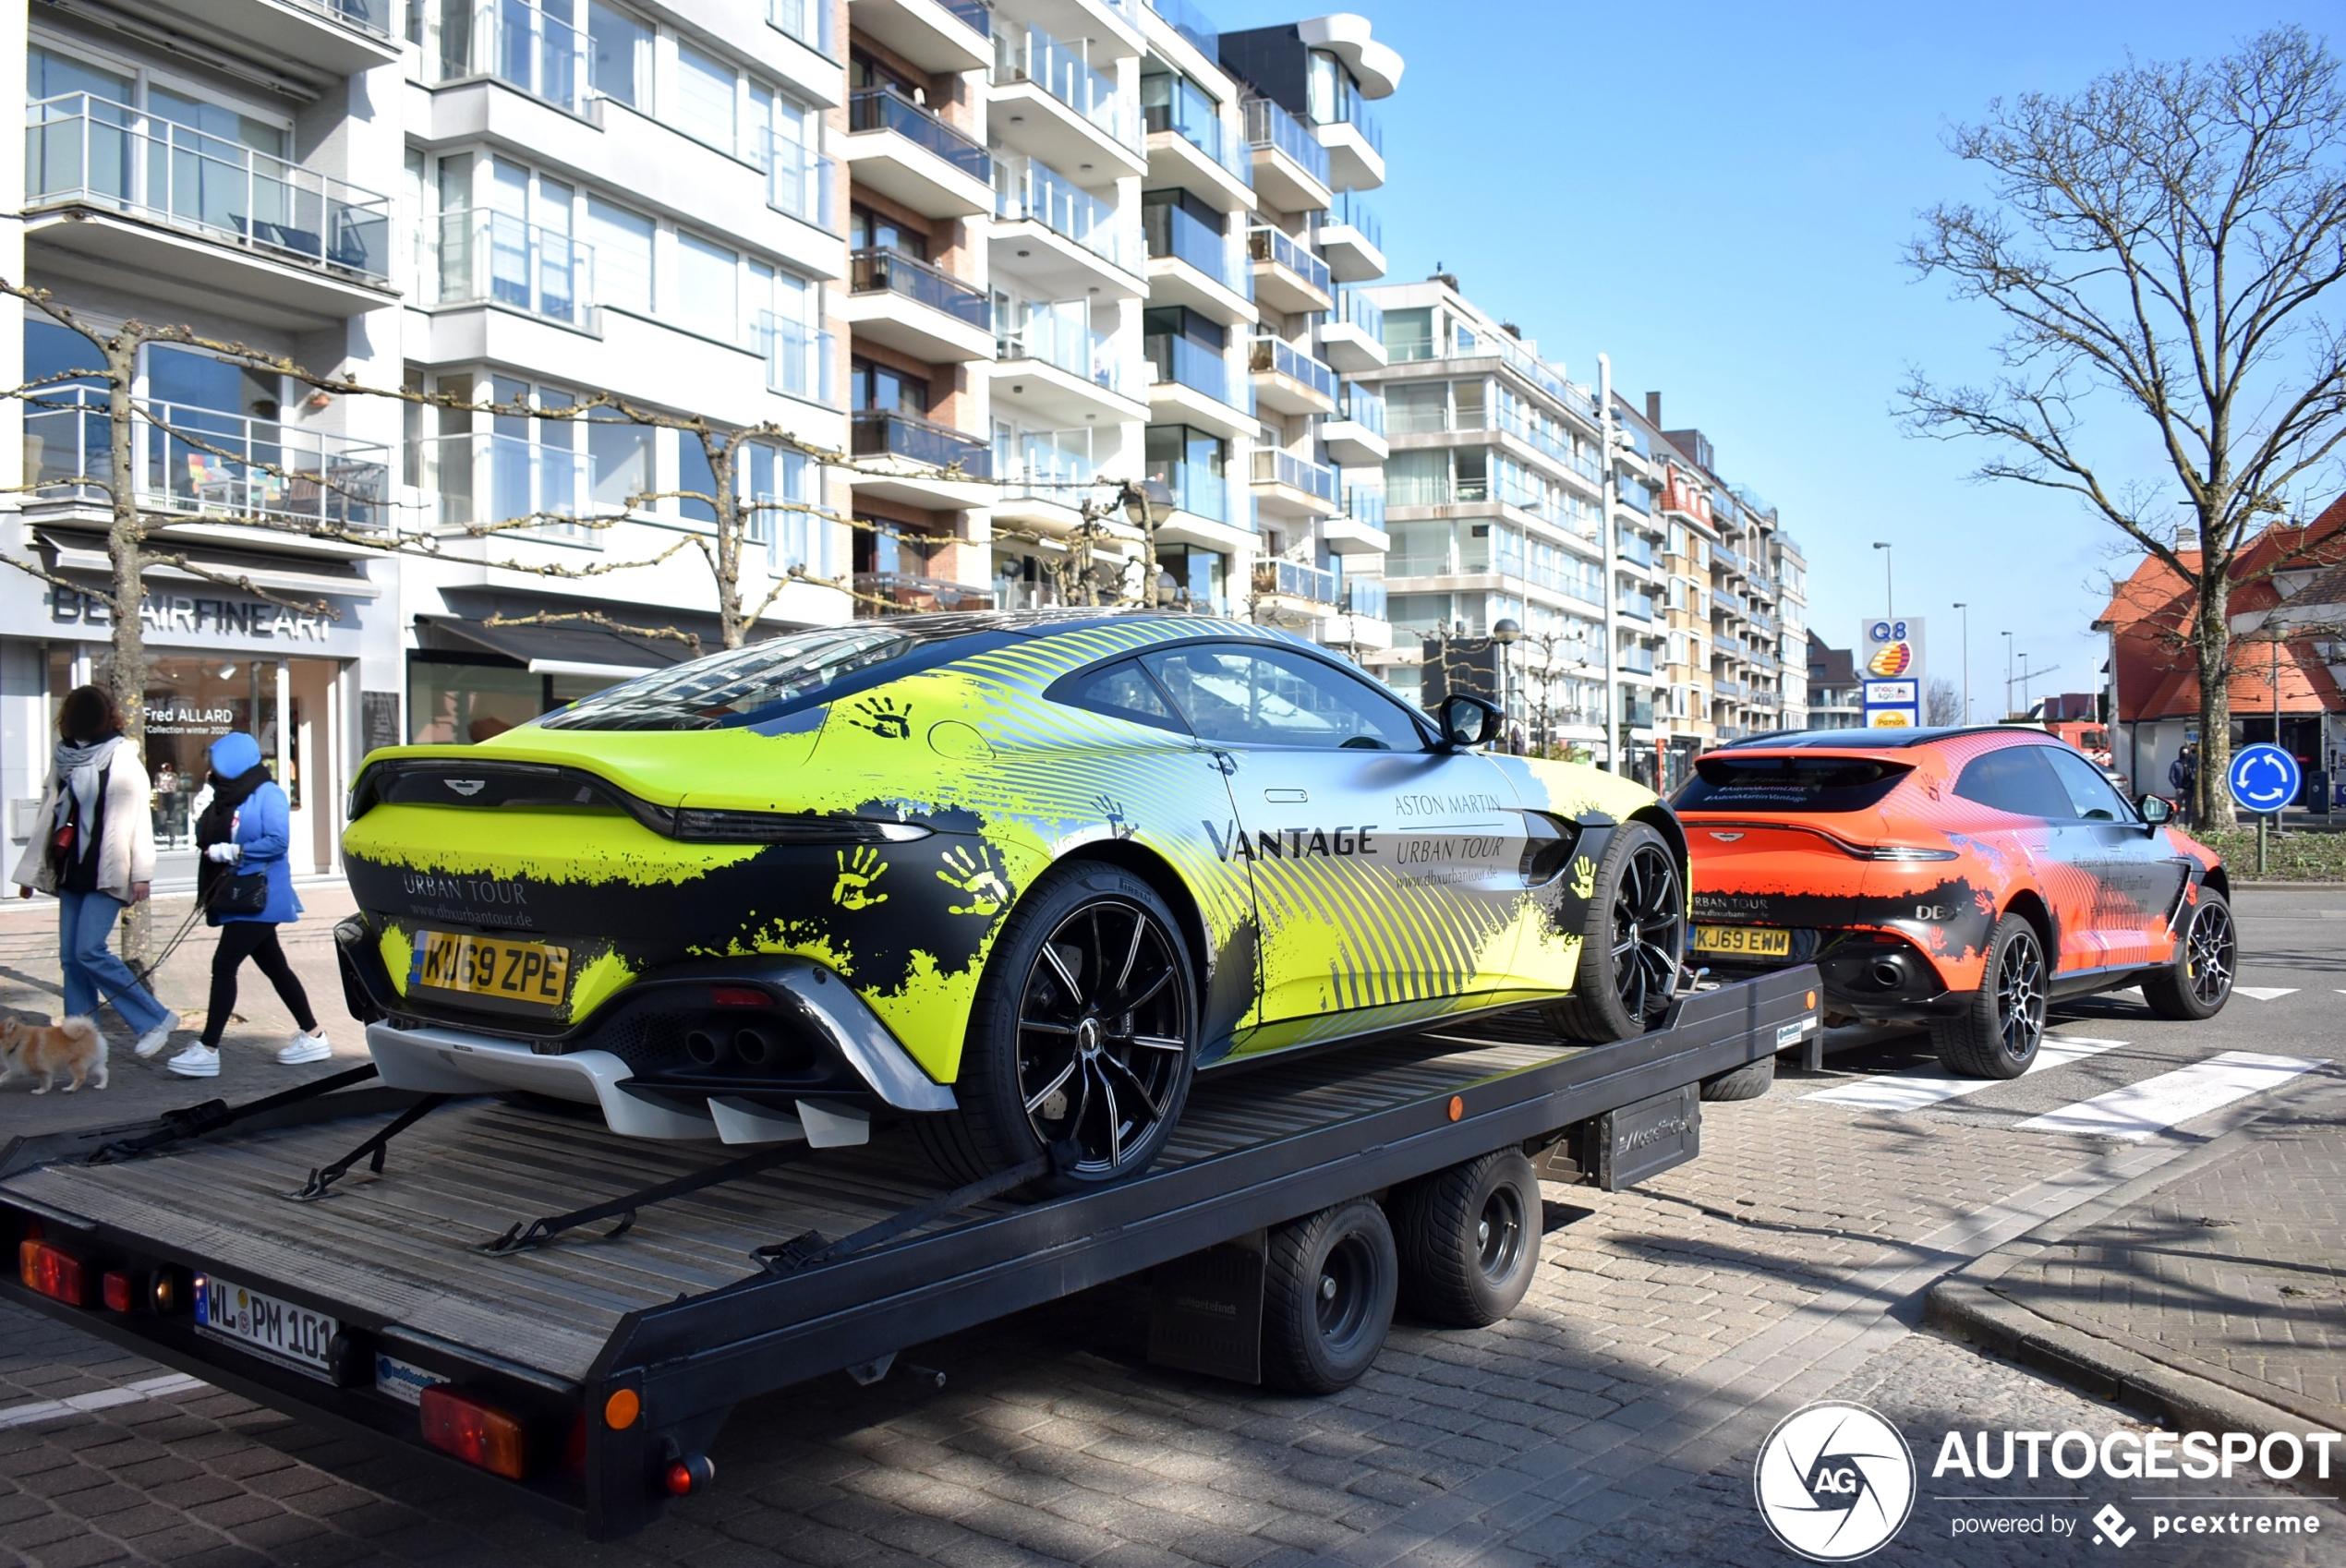 Aston Martin DBX shows Knokke-Heist its possibilities